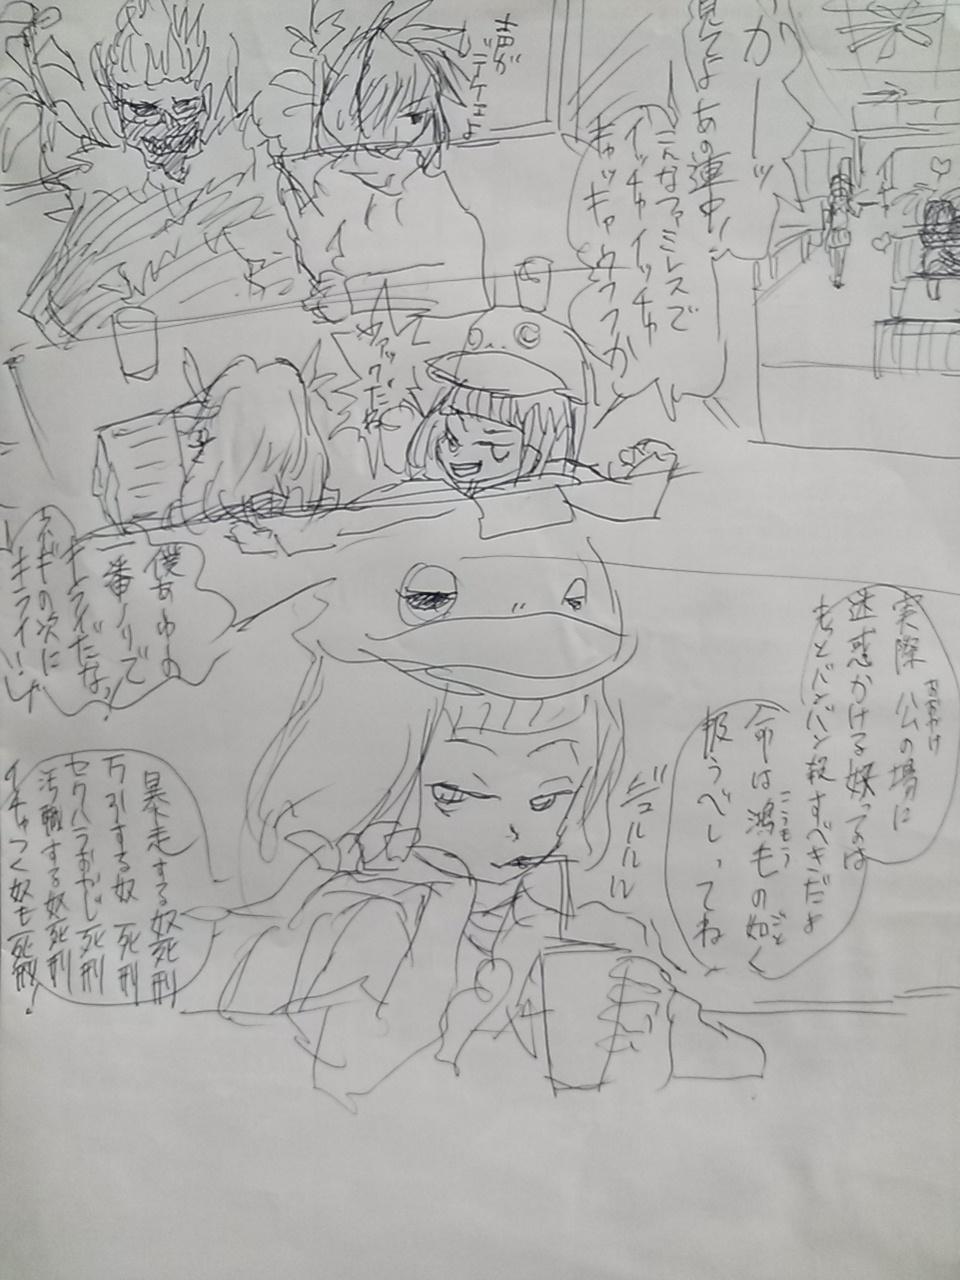 アナログ絵2